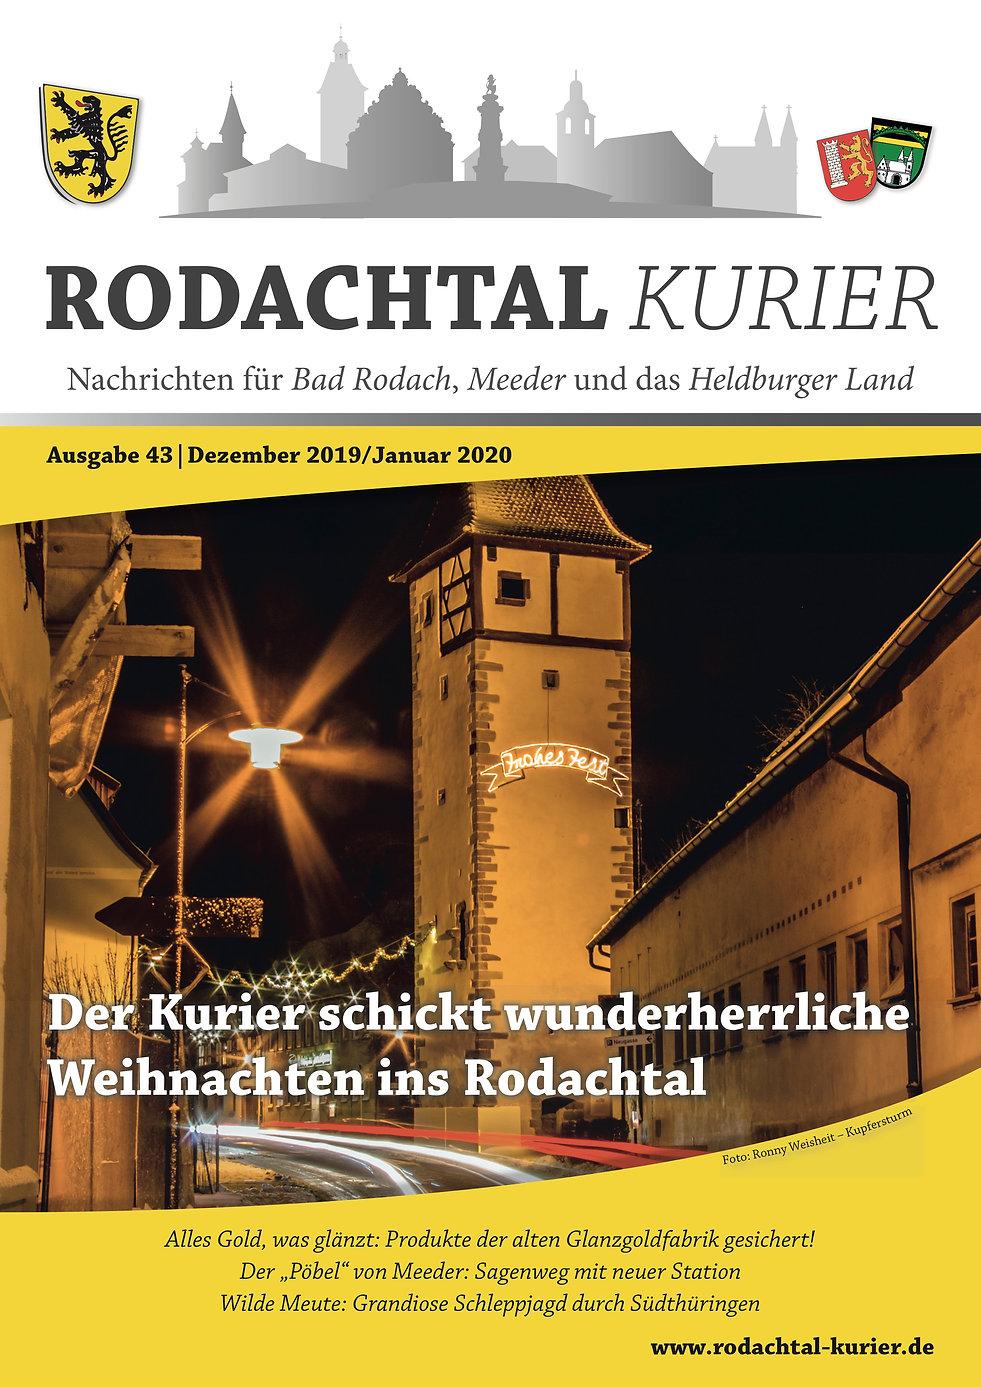 RTK_43_12.19_WDA Cover.jpg